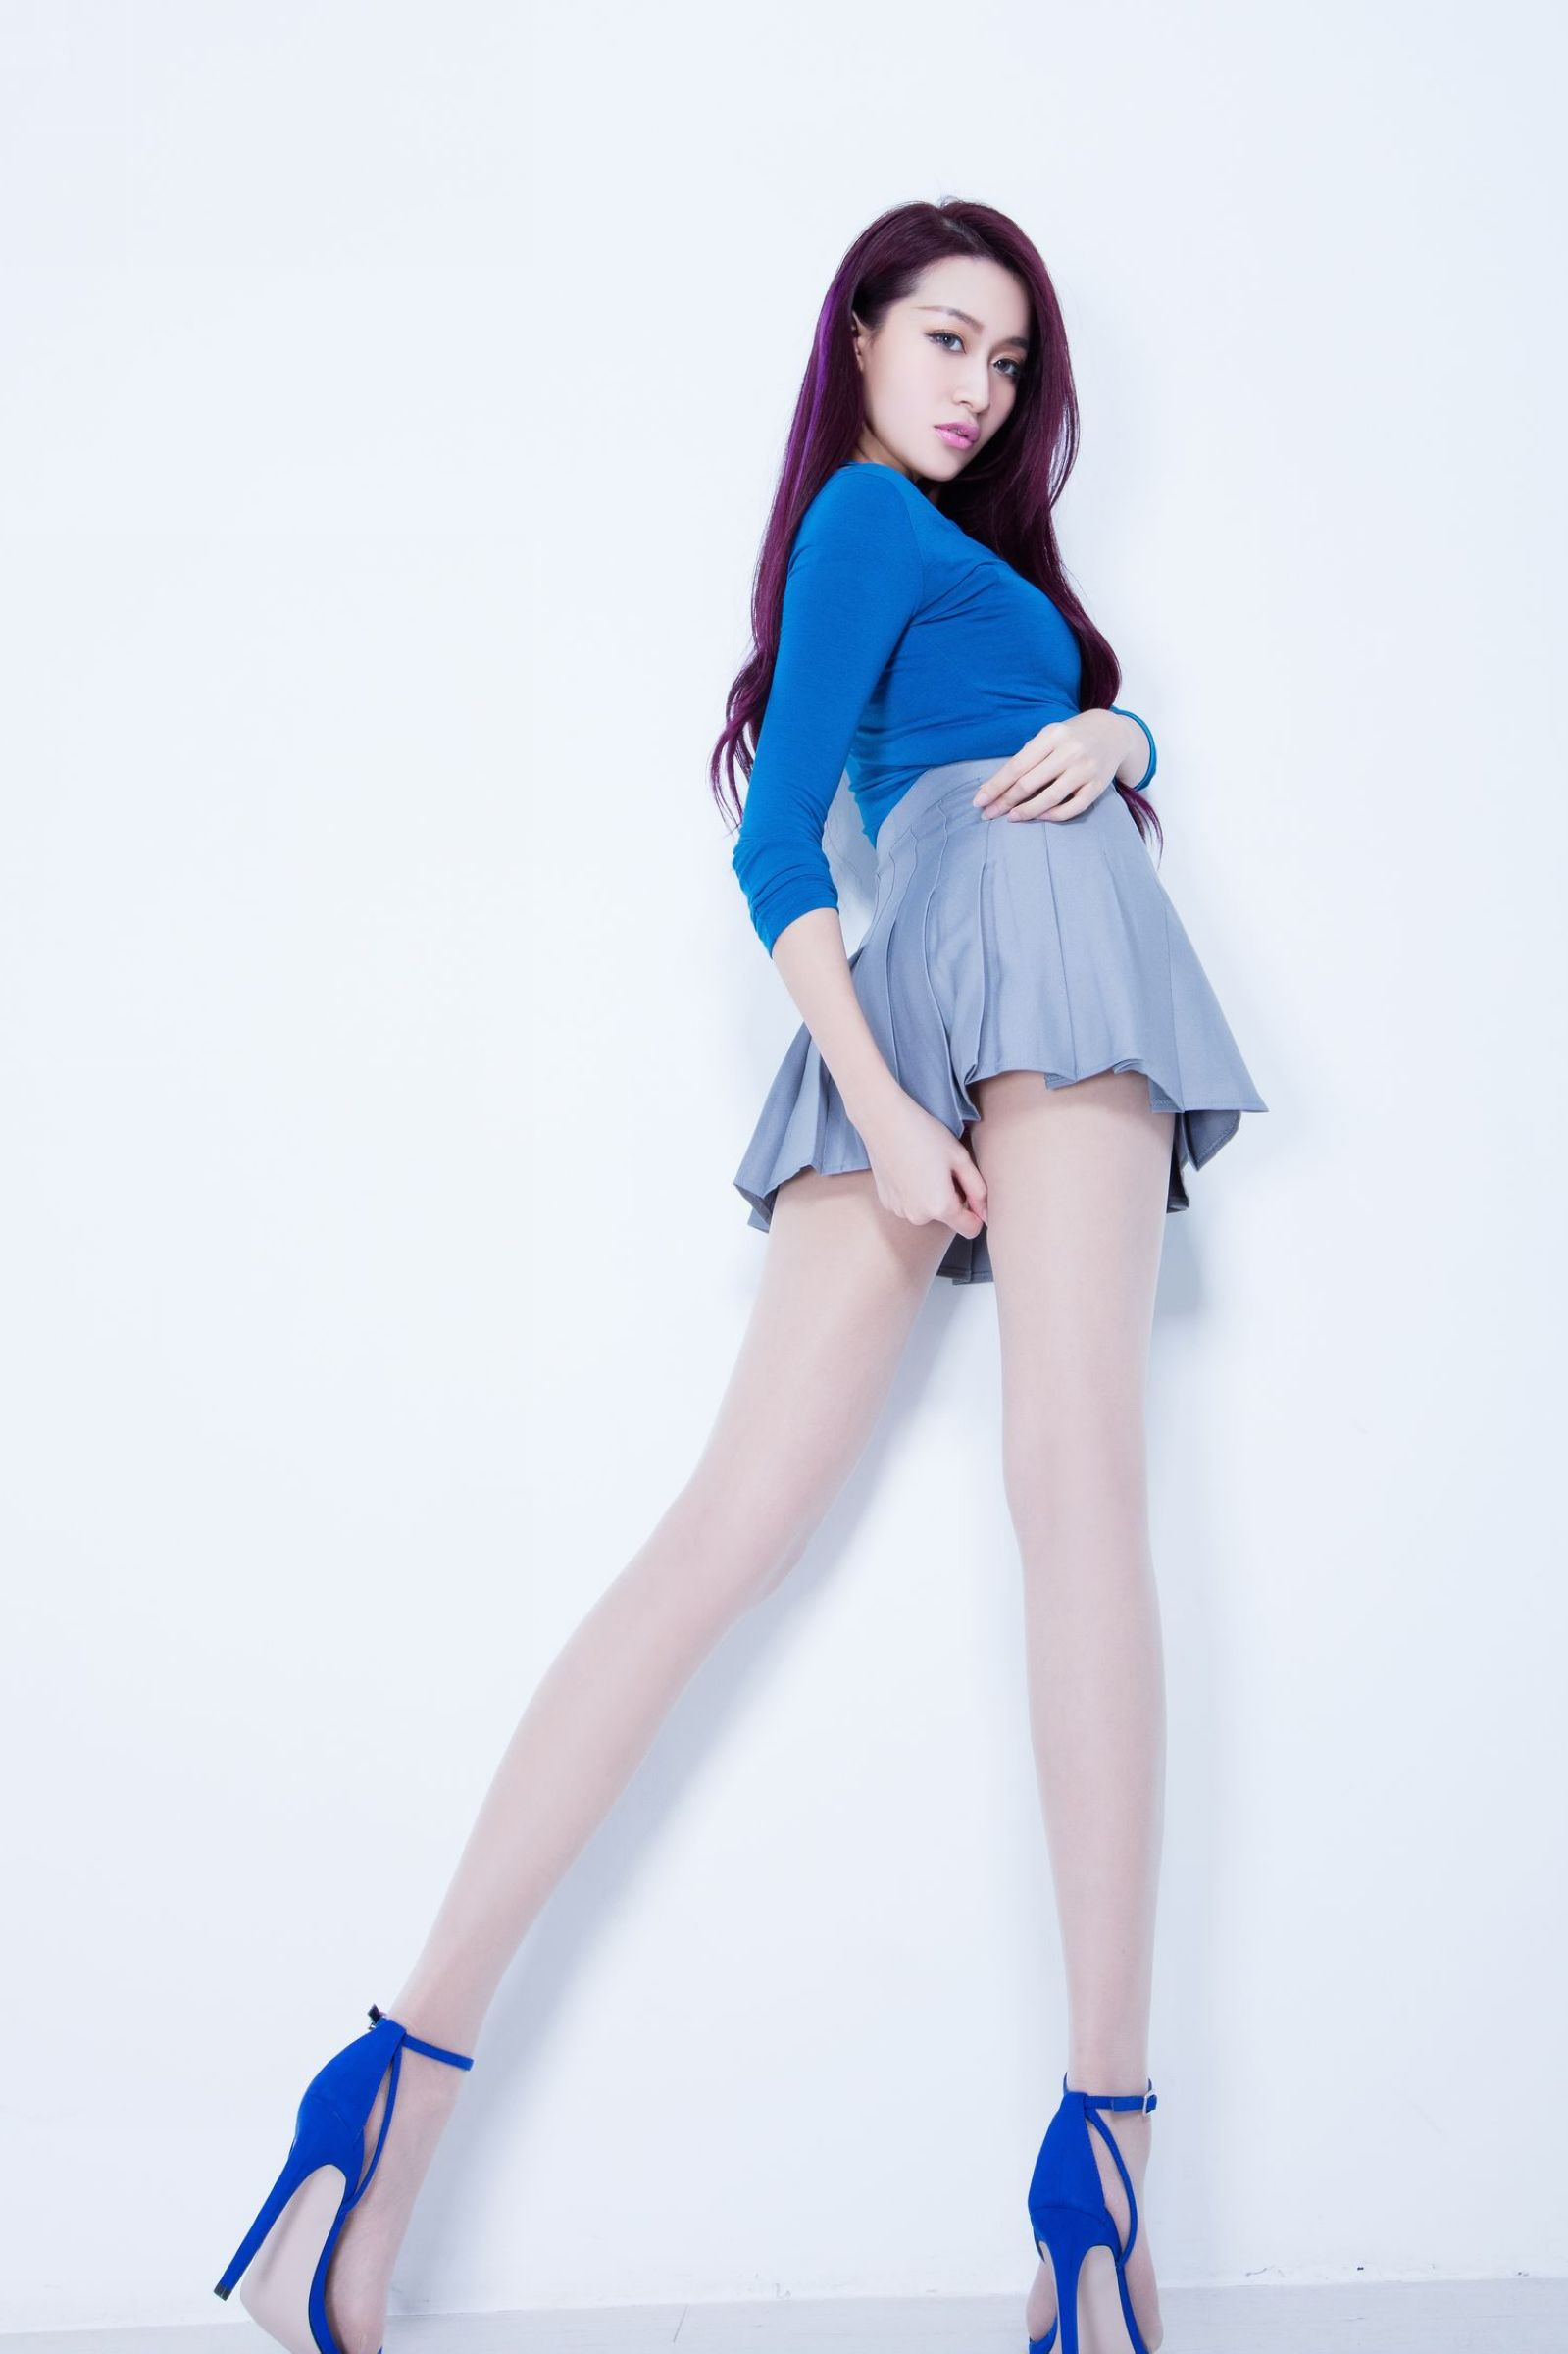 丽柜美模美腿秀13 - 花開有聲 - 花開有聲